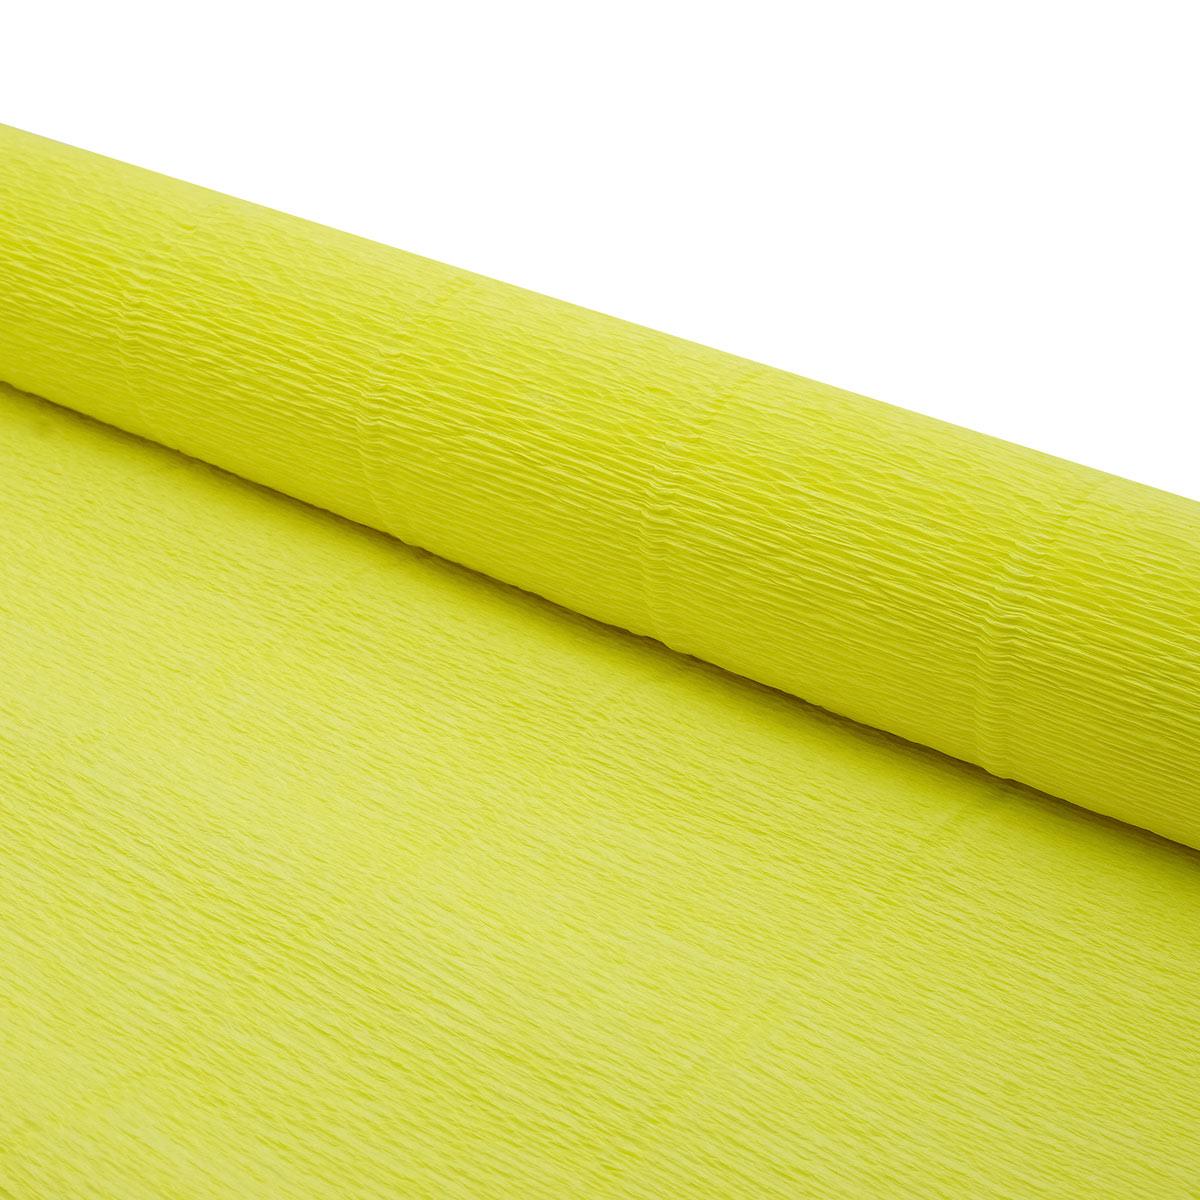 87500354 Бумага гофрированная простая, 50см*2,5м 180гр 574 желтый